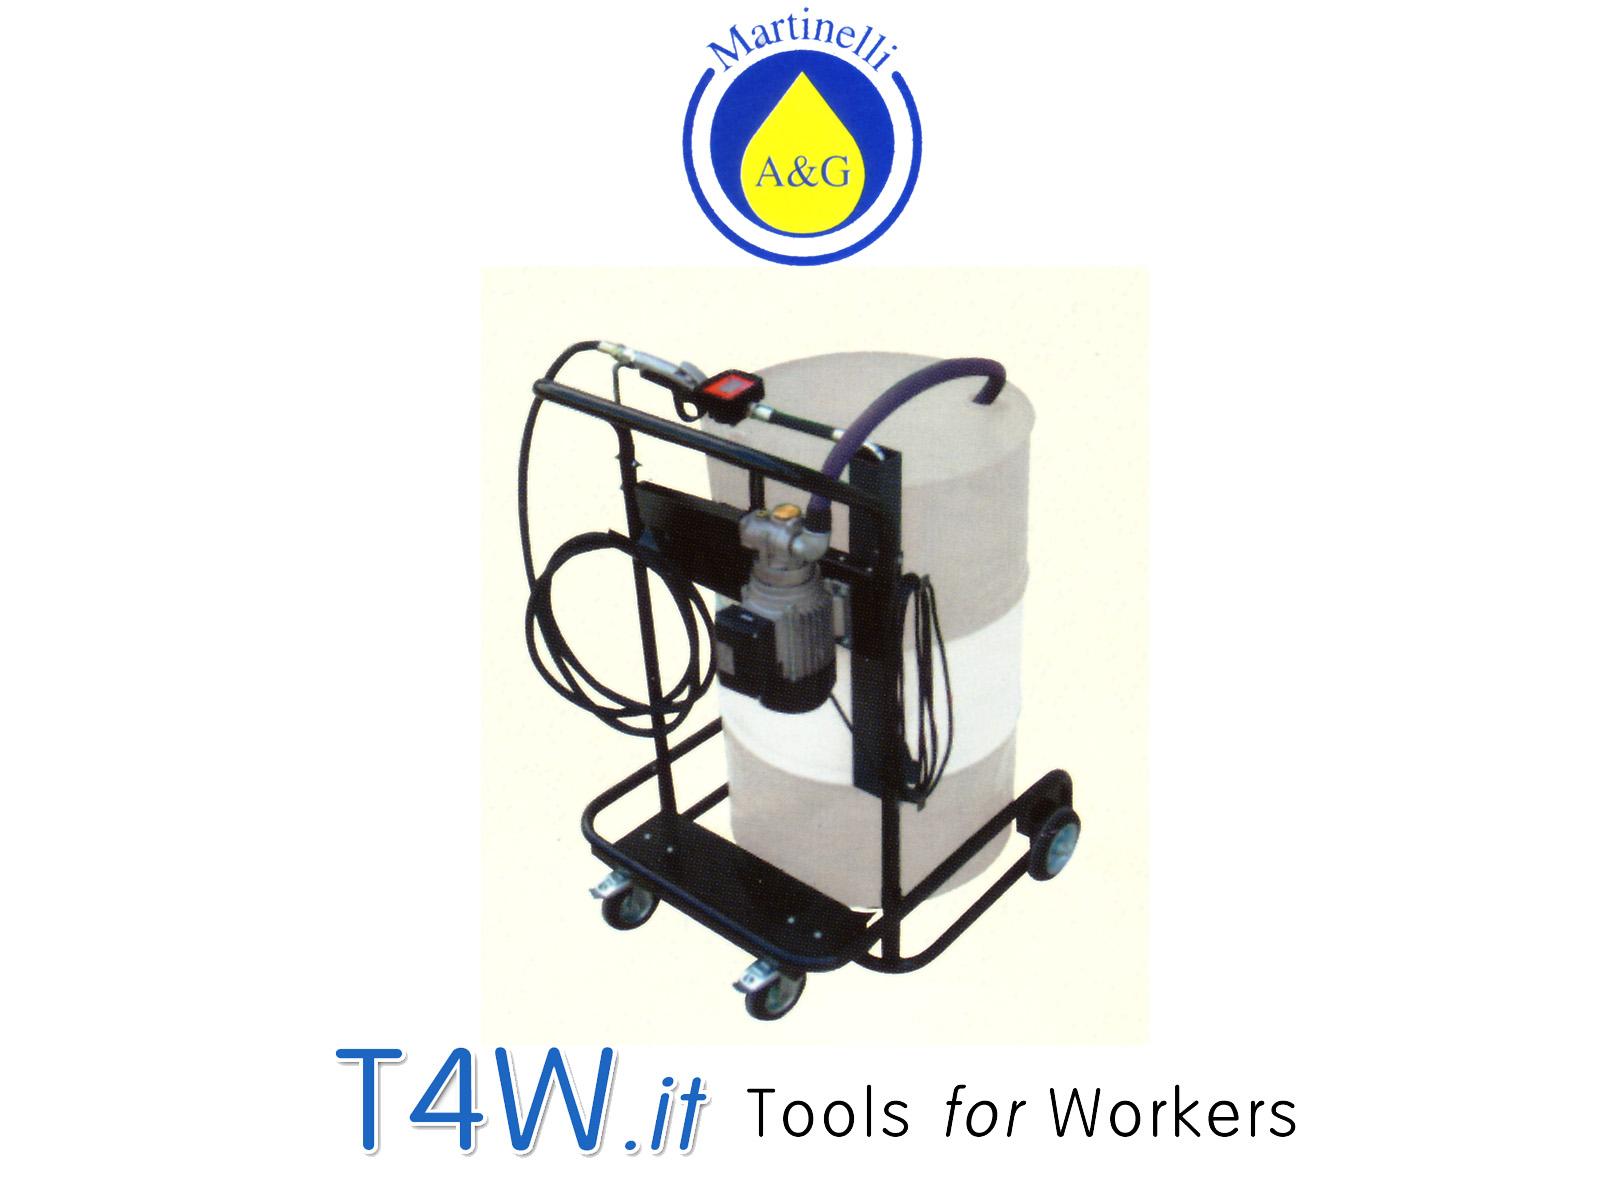 Unità elettrica mobile per olio 220 V Art. 2704 Martinelli -